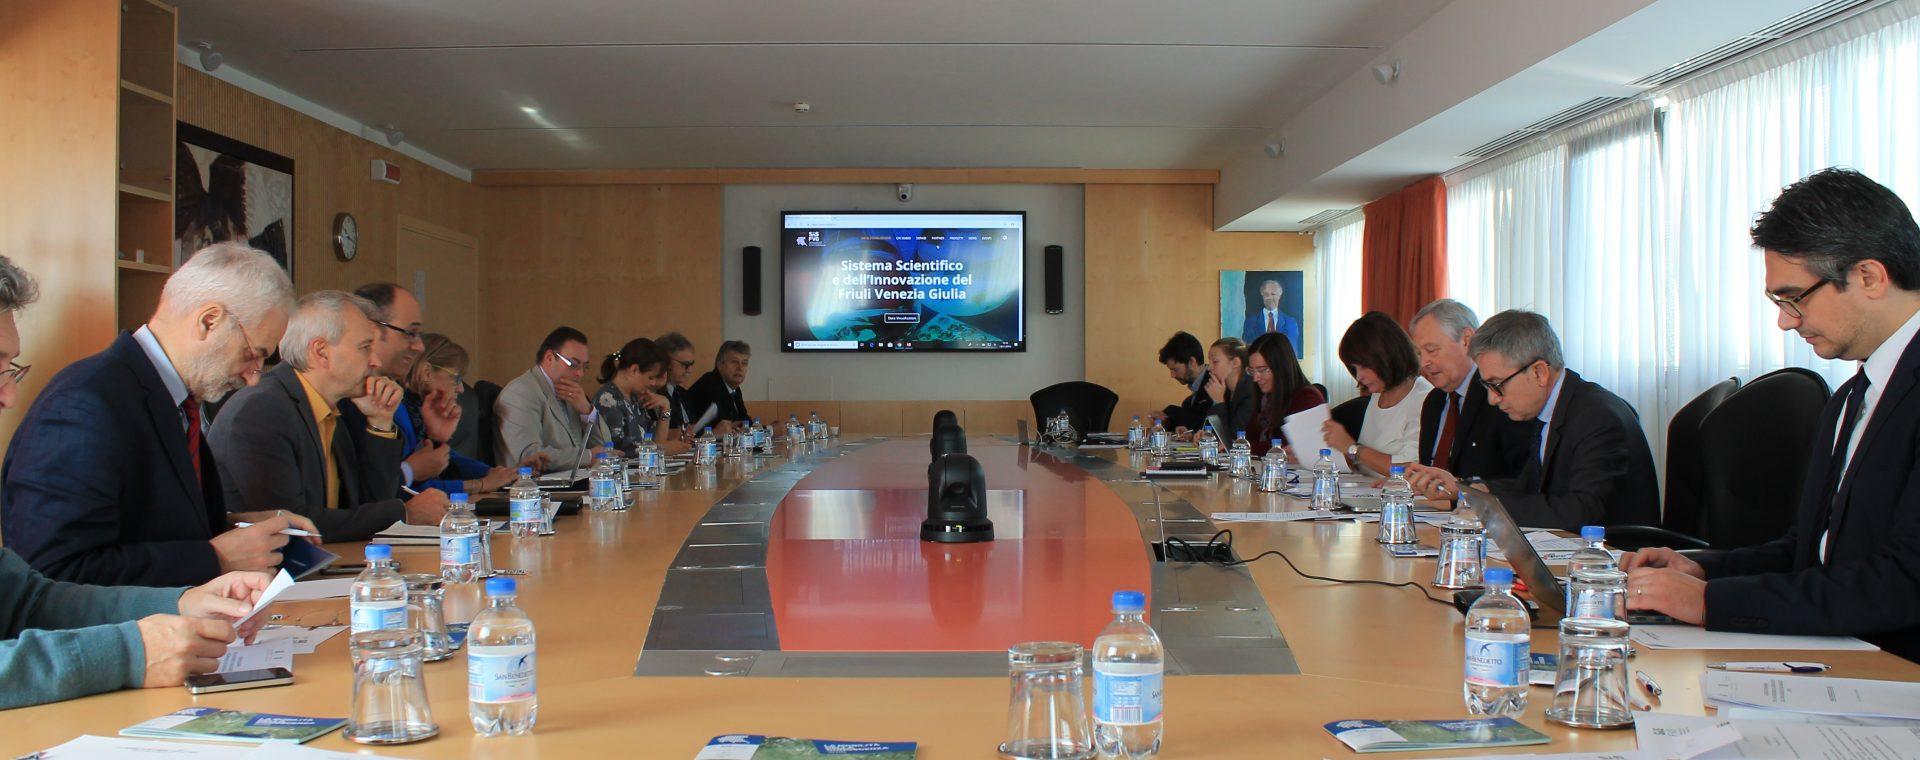 Il Consiglio di indirizzo del SIS FVG si è riunito oggi in Area